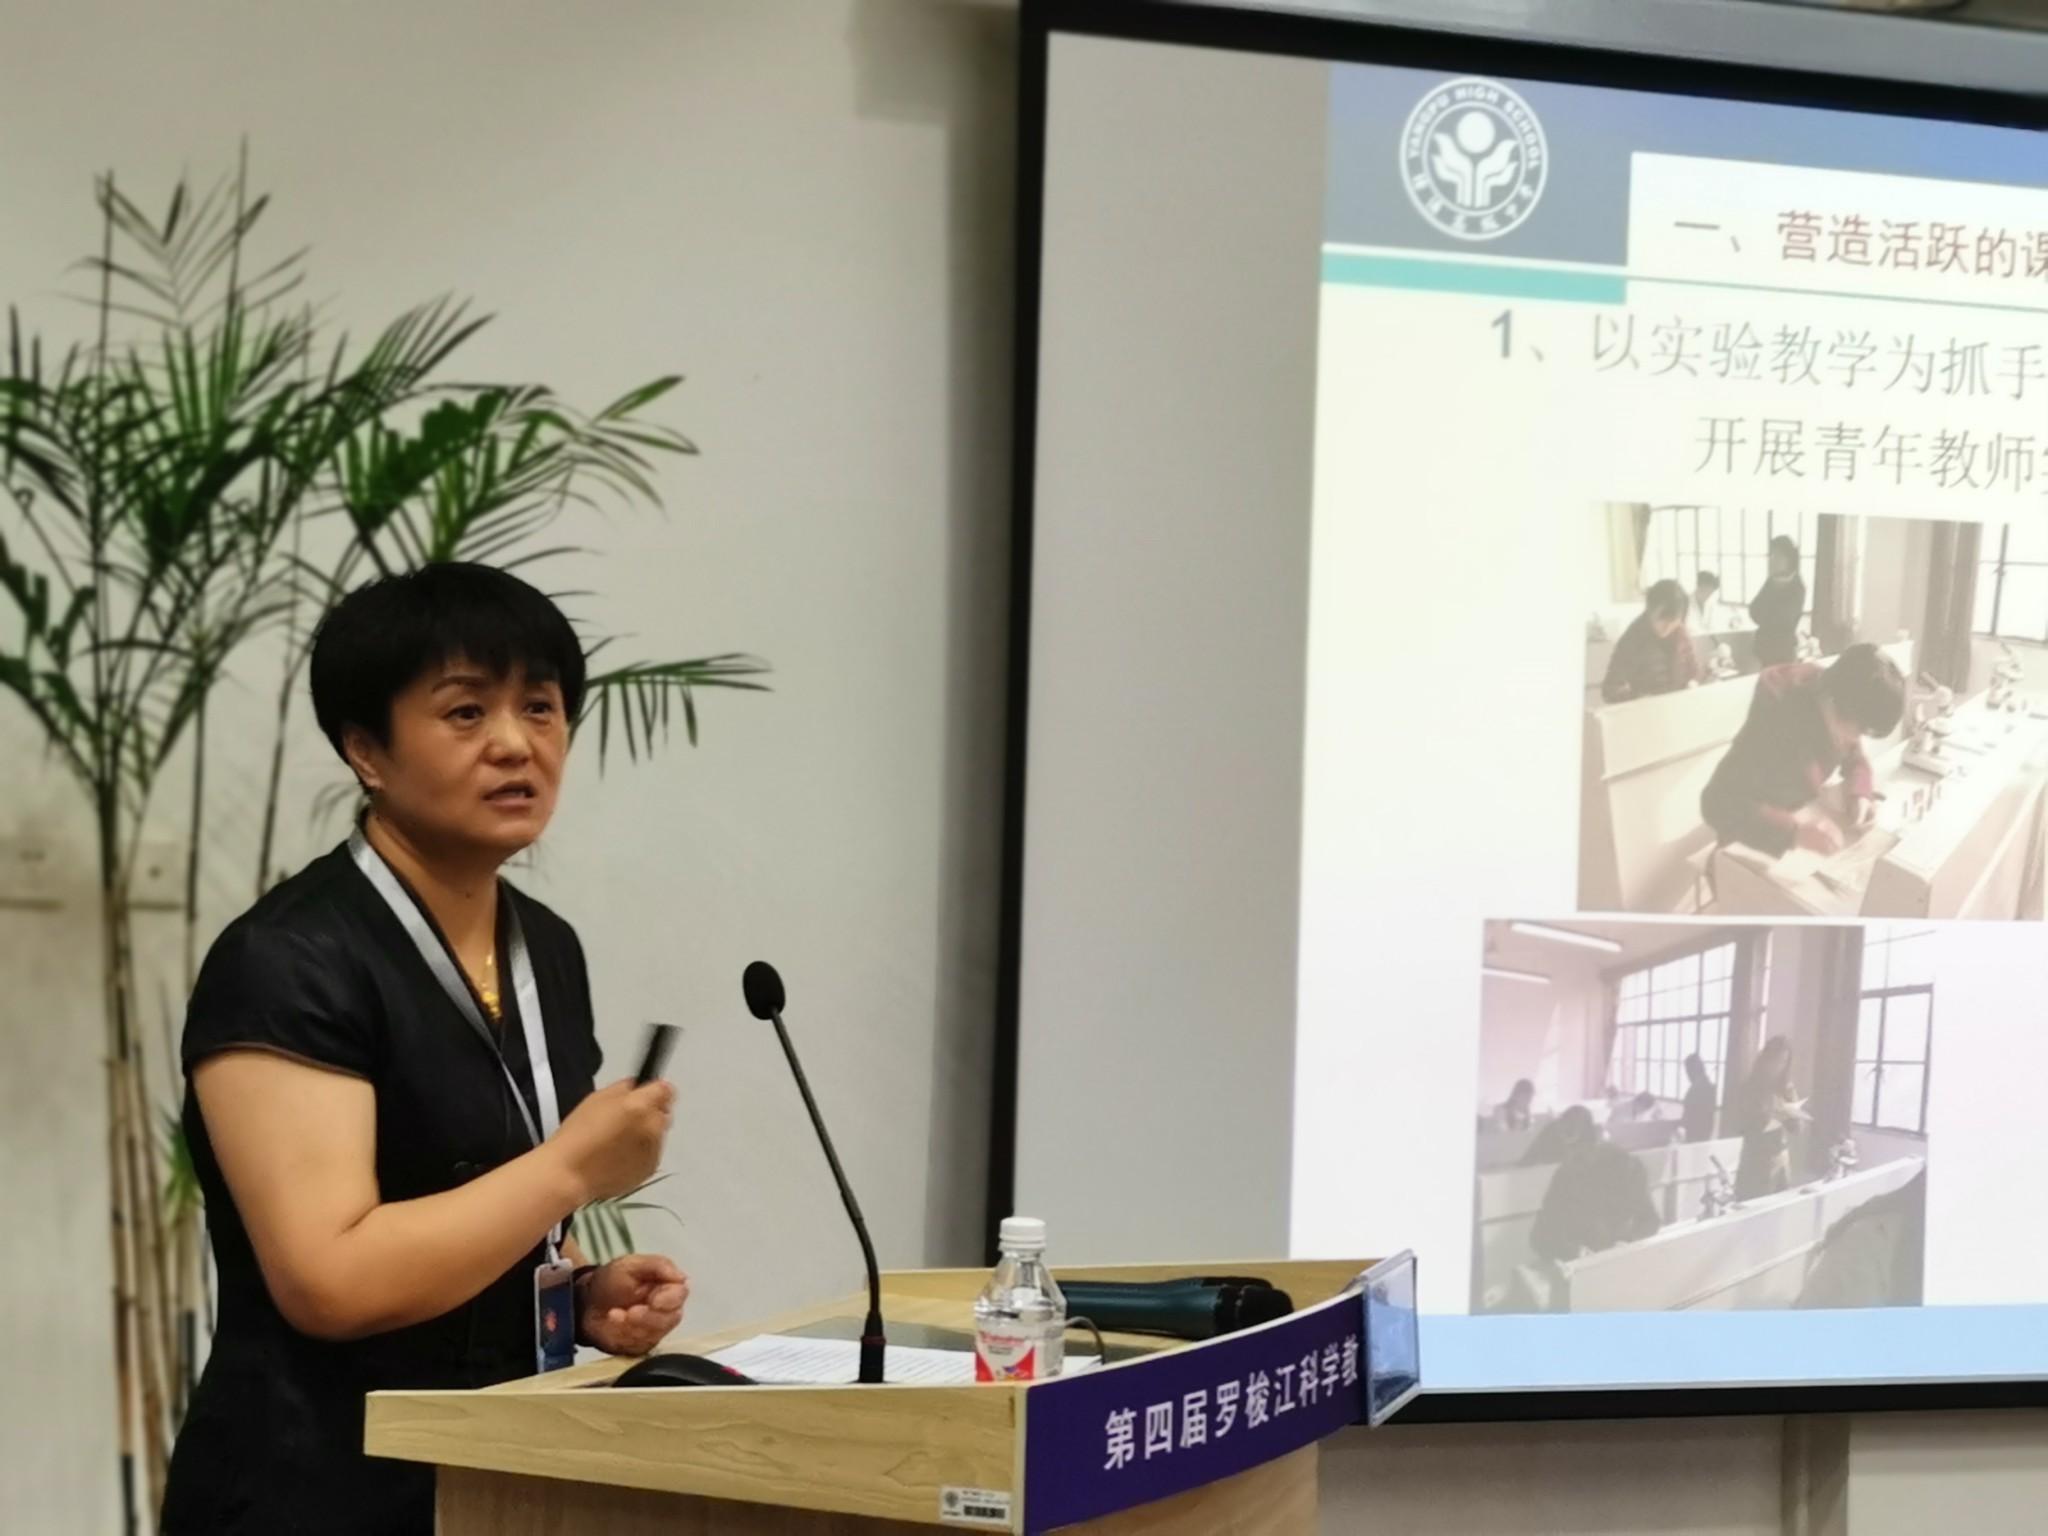 【专题报告】上海市杨浦高级中学  殷春蕾:生物多样性保护教育在高中教育教学中实践与探索